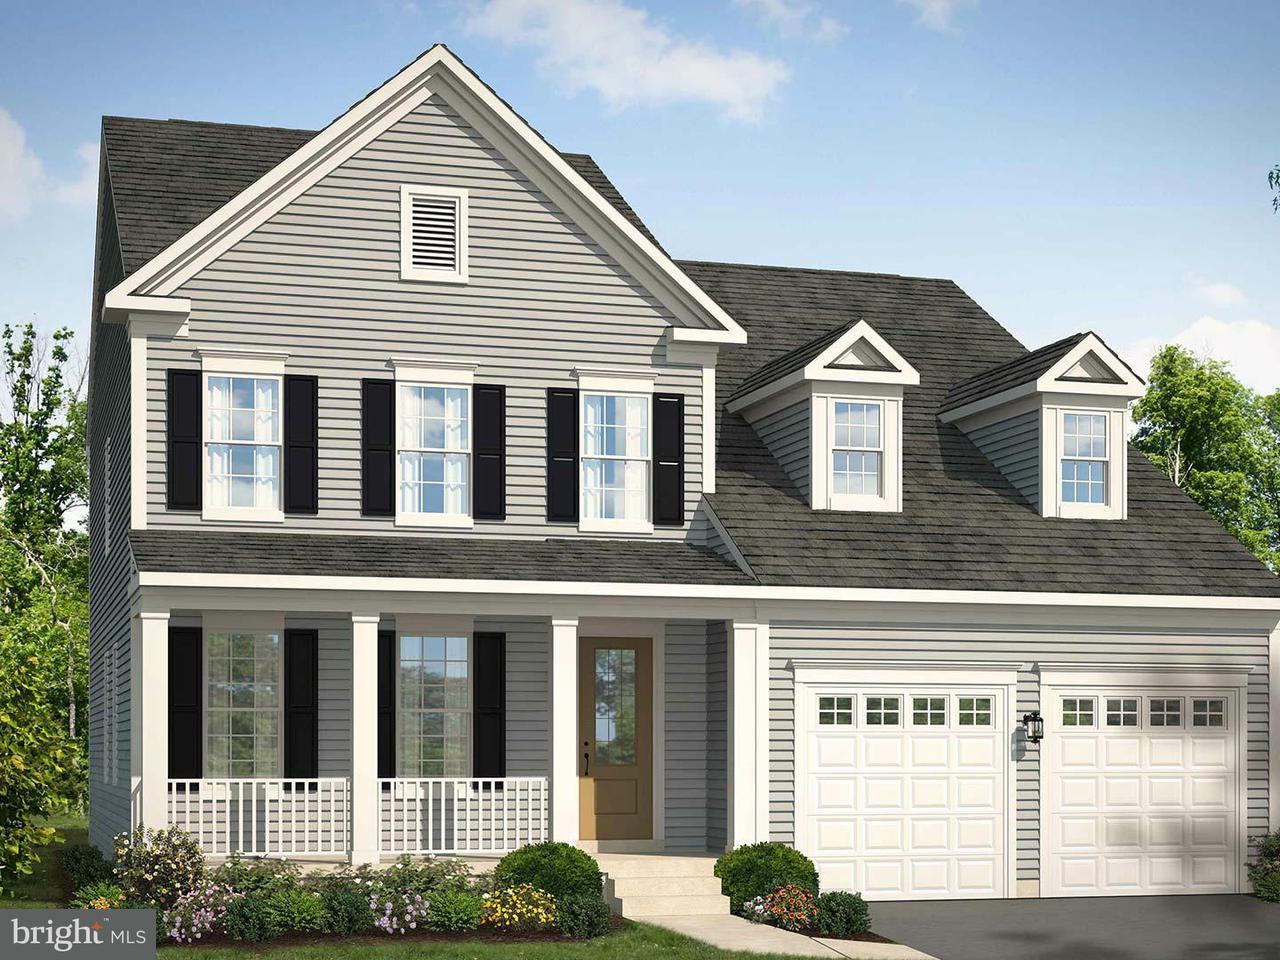 Casa Unifamiliar por un Venta en 23386 LILLIFLORA Drive 23386 LILLIFLORA Drive California, Maryland 20619 Estados Unidos